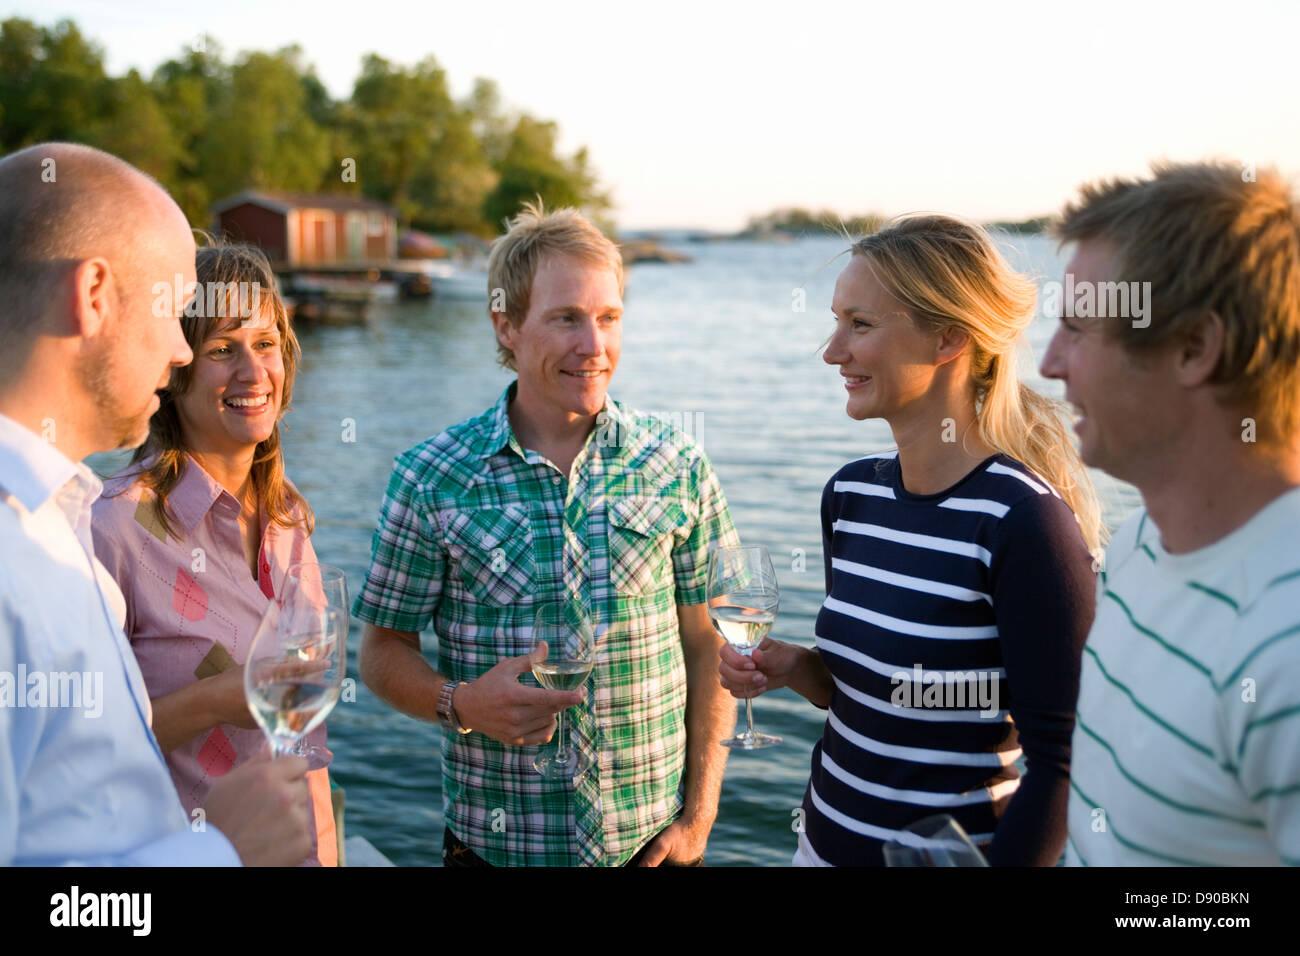 Cinq amis parler et boire, Fejan, archipel de Stockholm, Suède. Banque D'Images